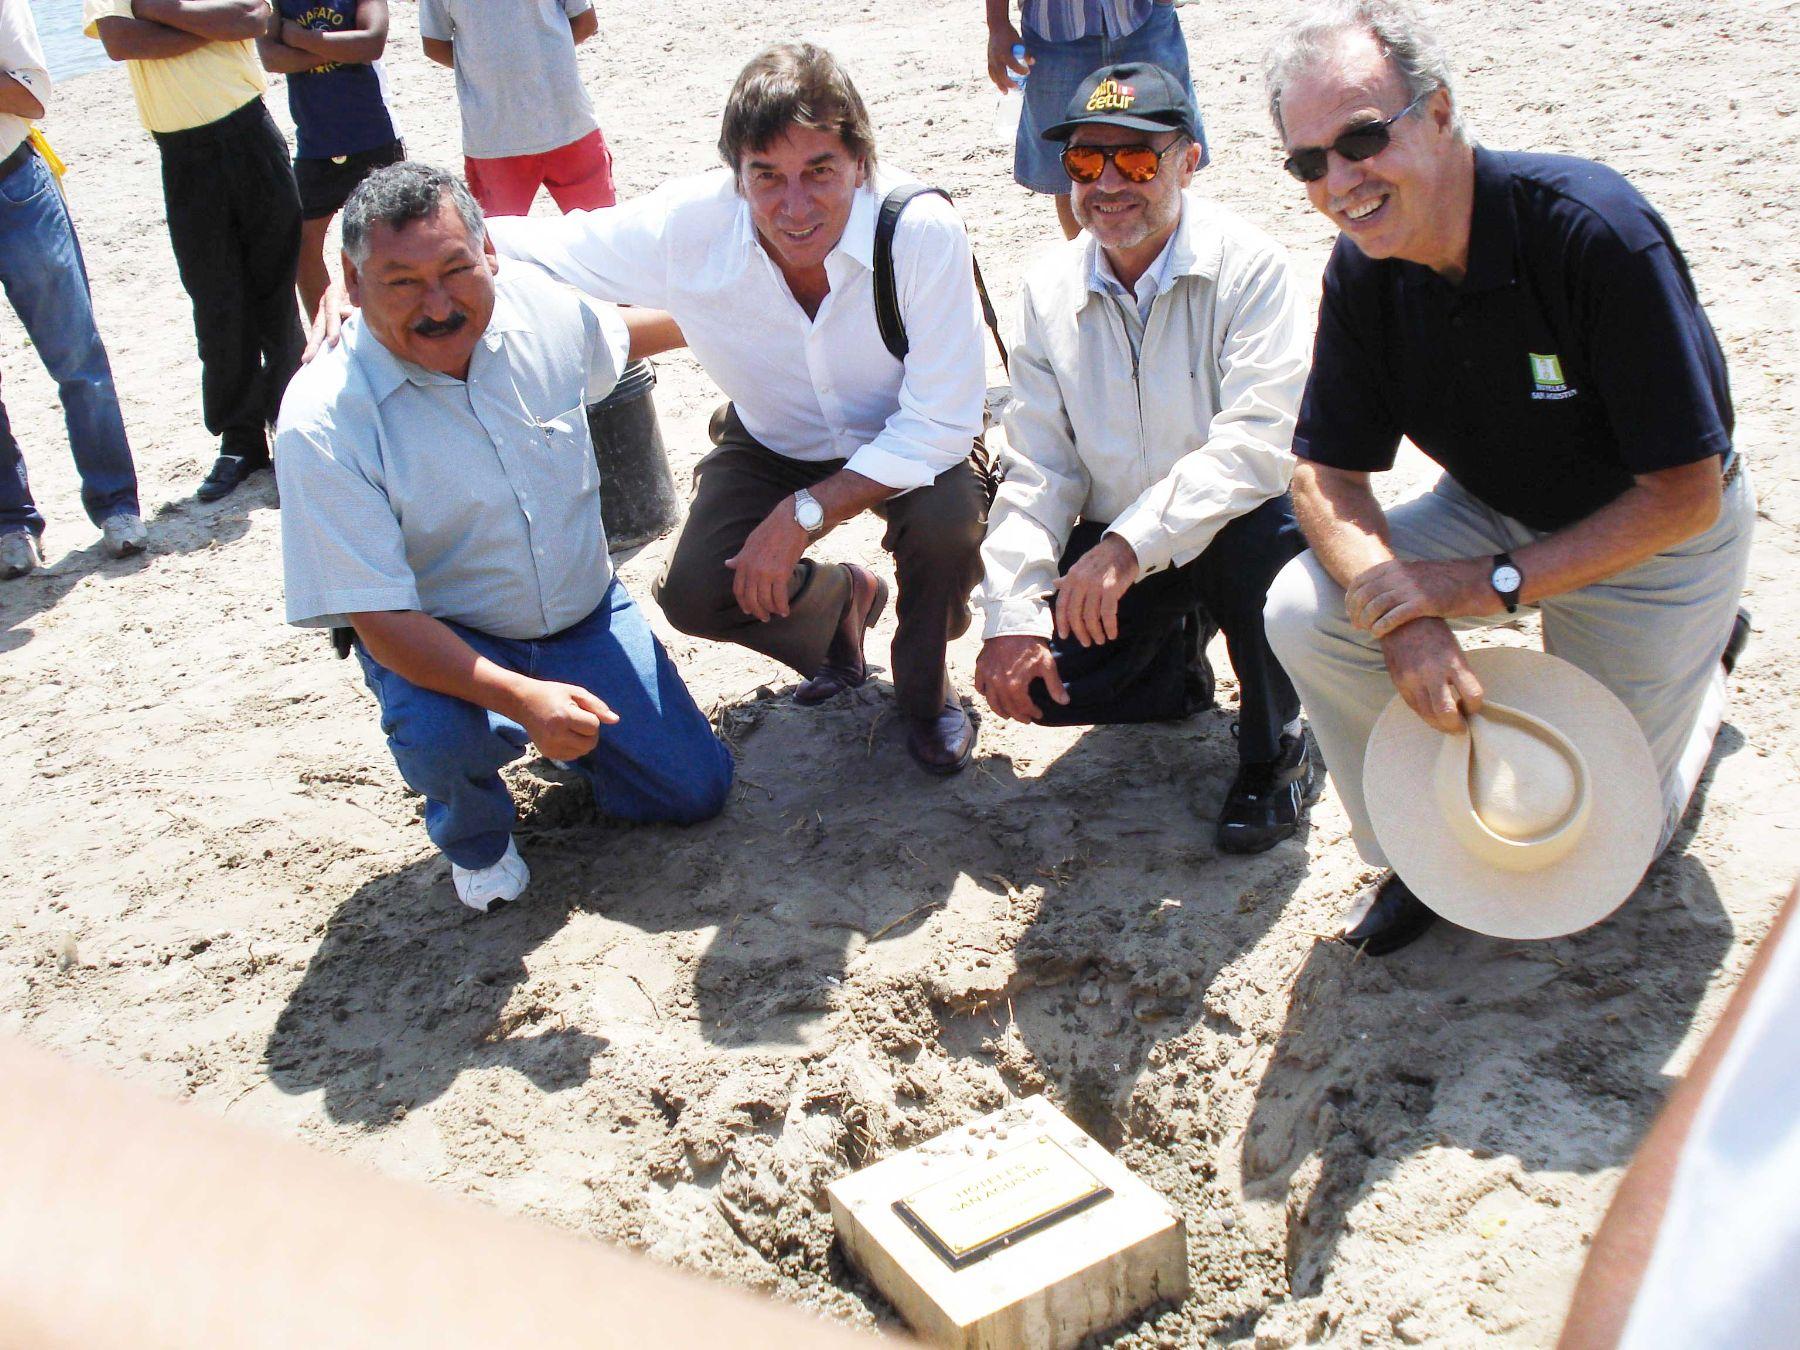 Colocación de la primera piedra del Hotel Resort San Agustín Paracas, ubicado en El Chaco La Puntilla en Paracas (Ica) . Foto: Cortesía Hoteles San Agustín.